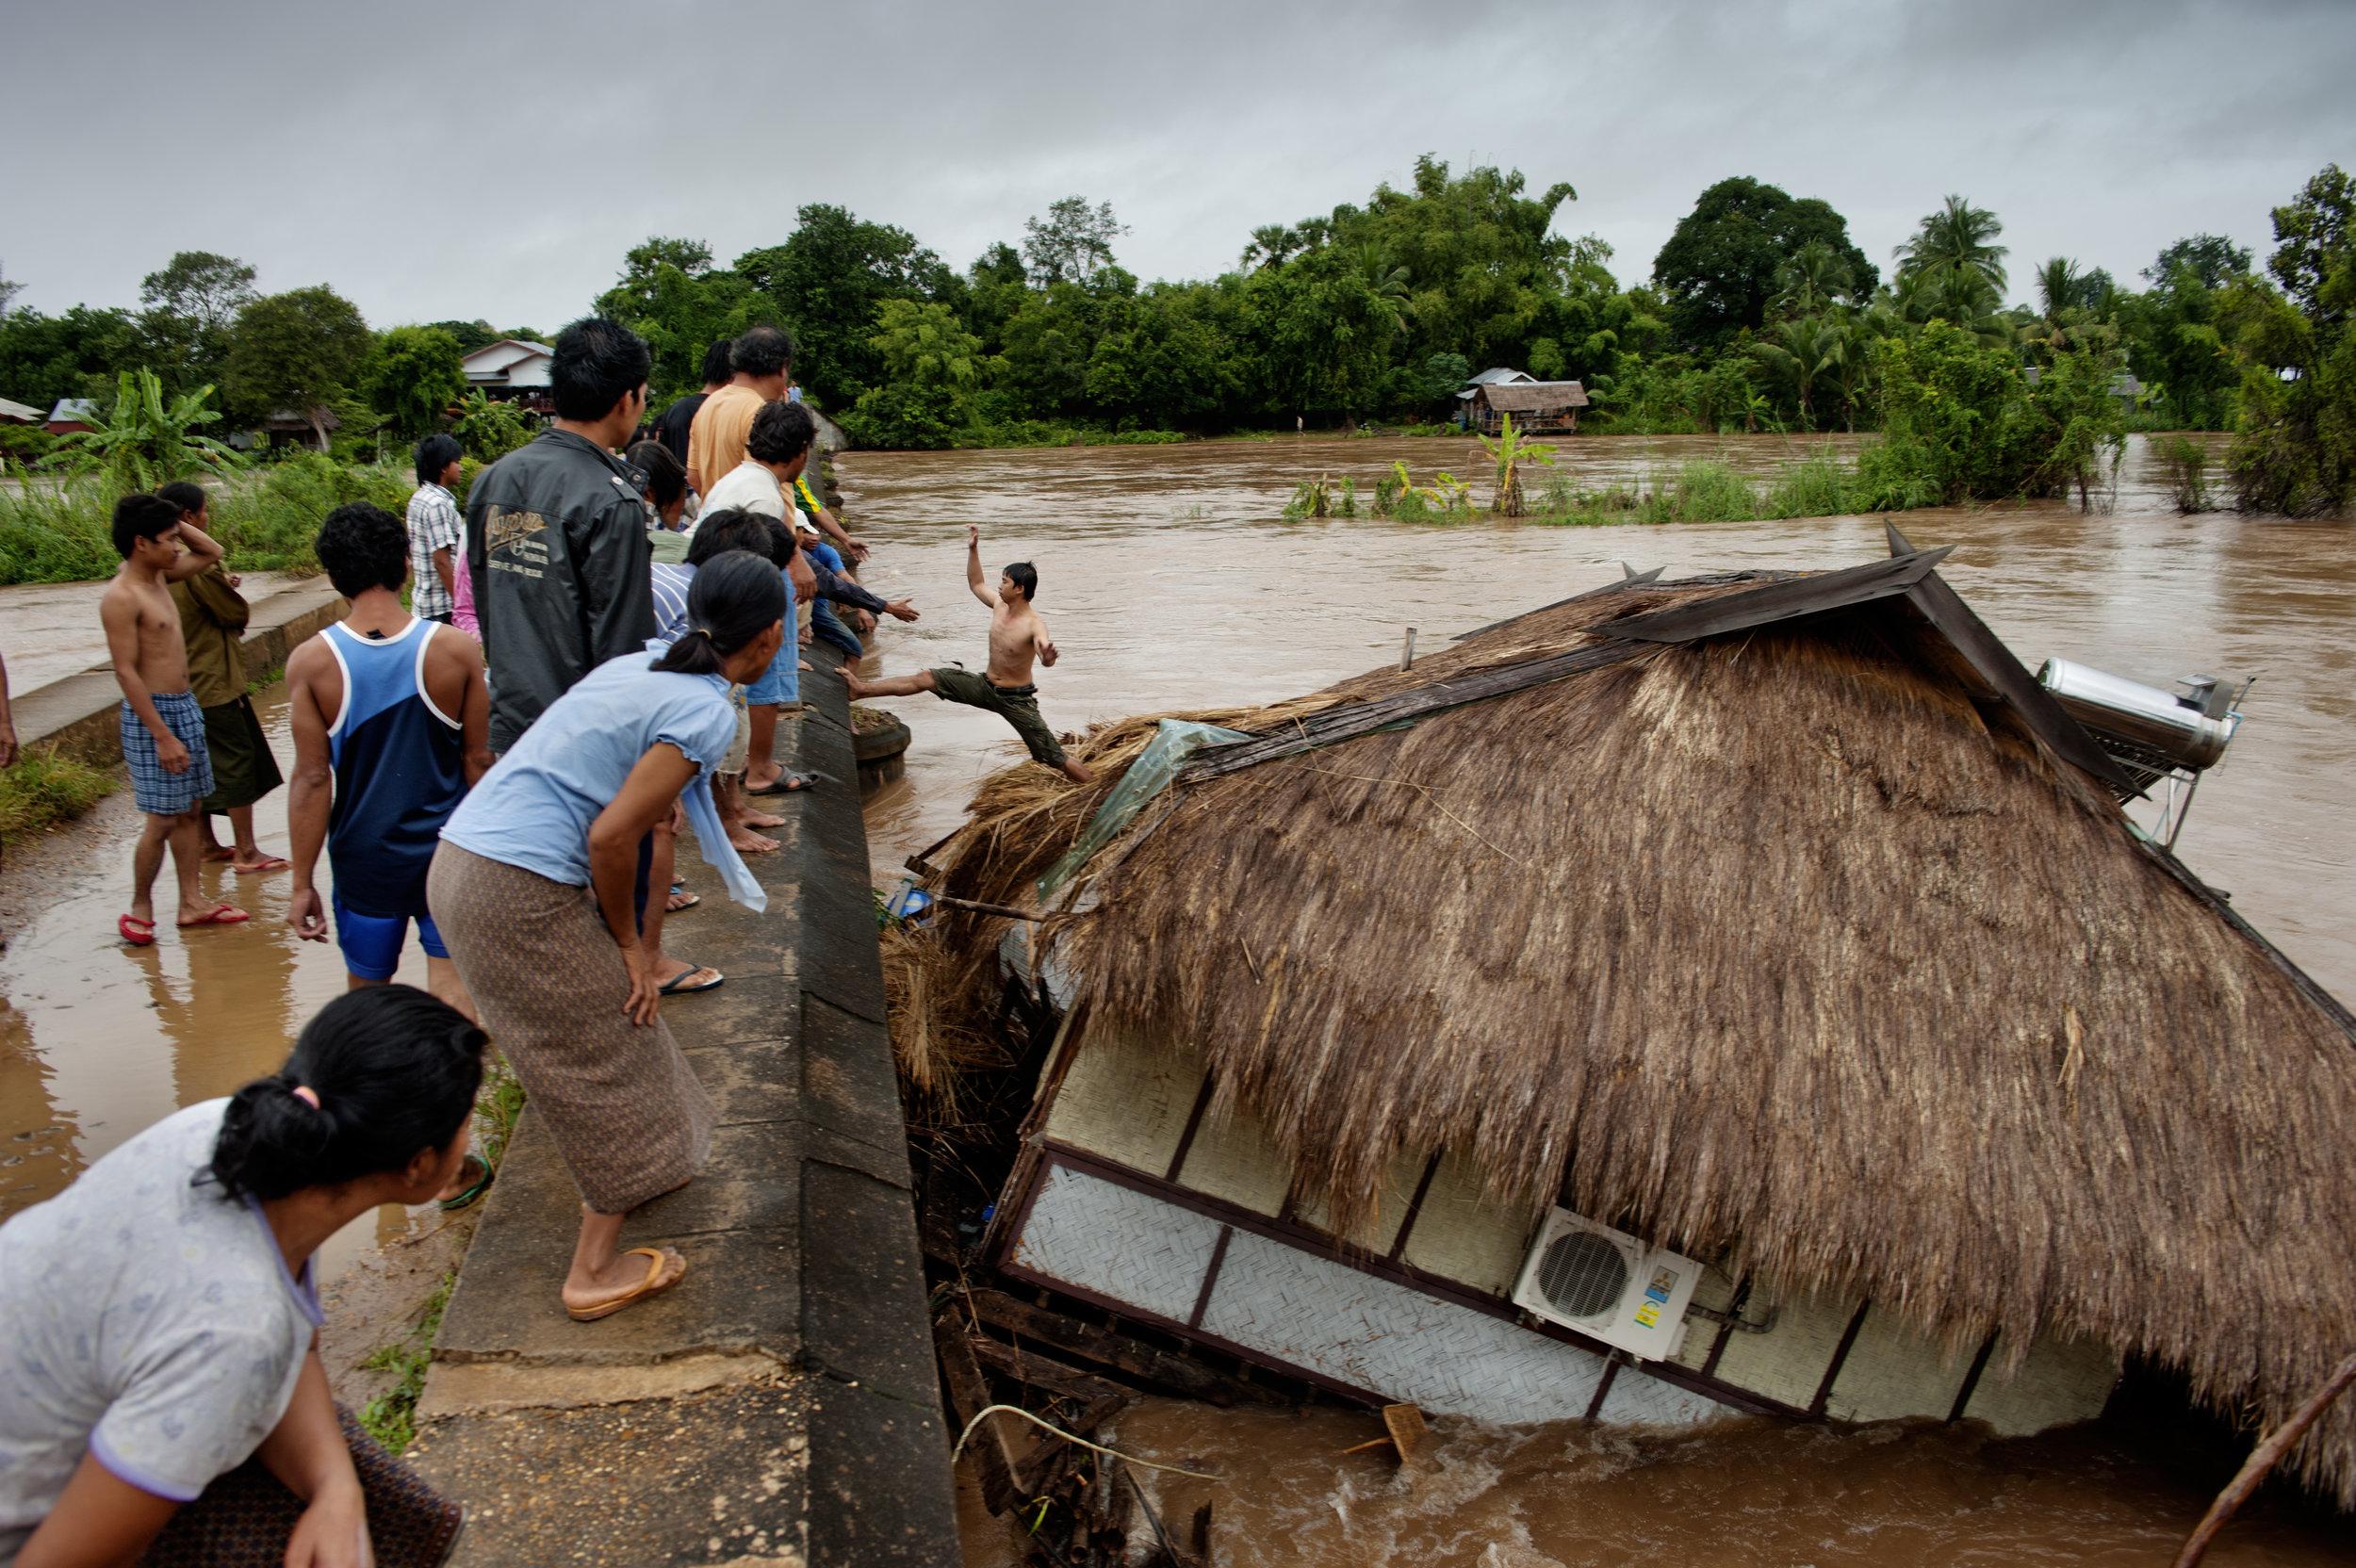 Flood at Mekong river, Si Phan Don region / Laos - 2011